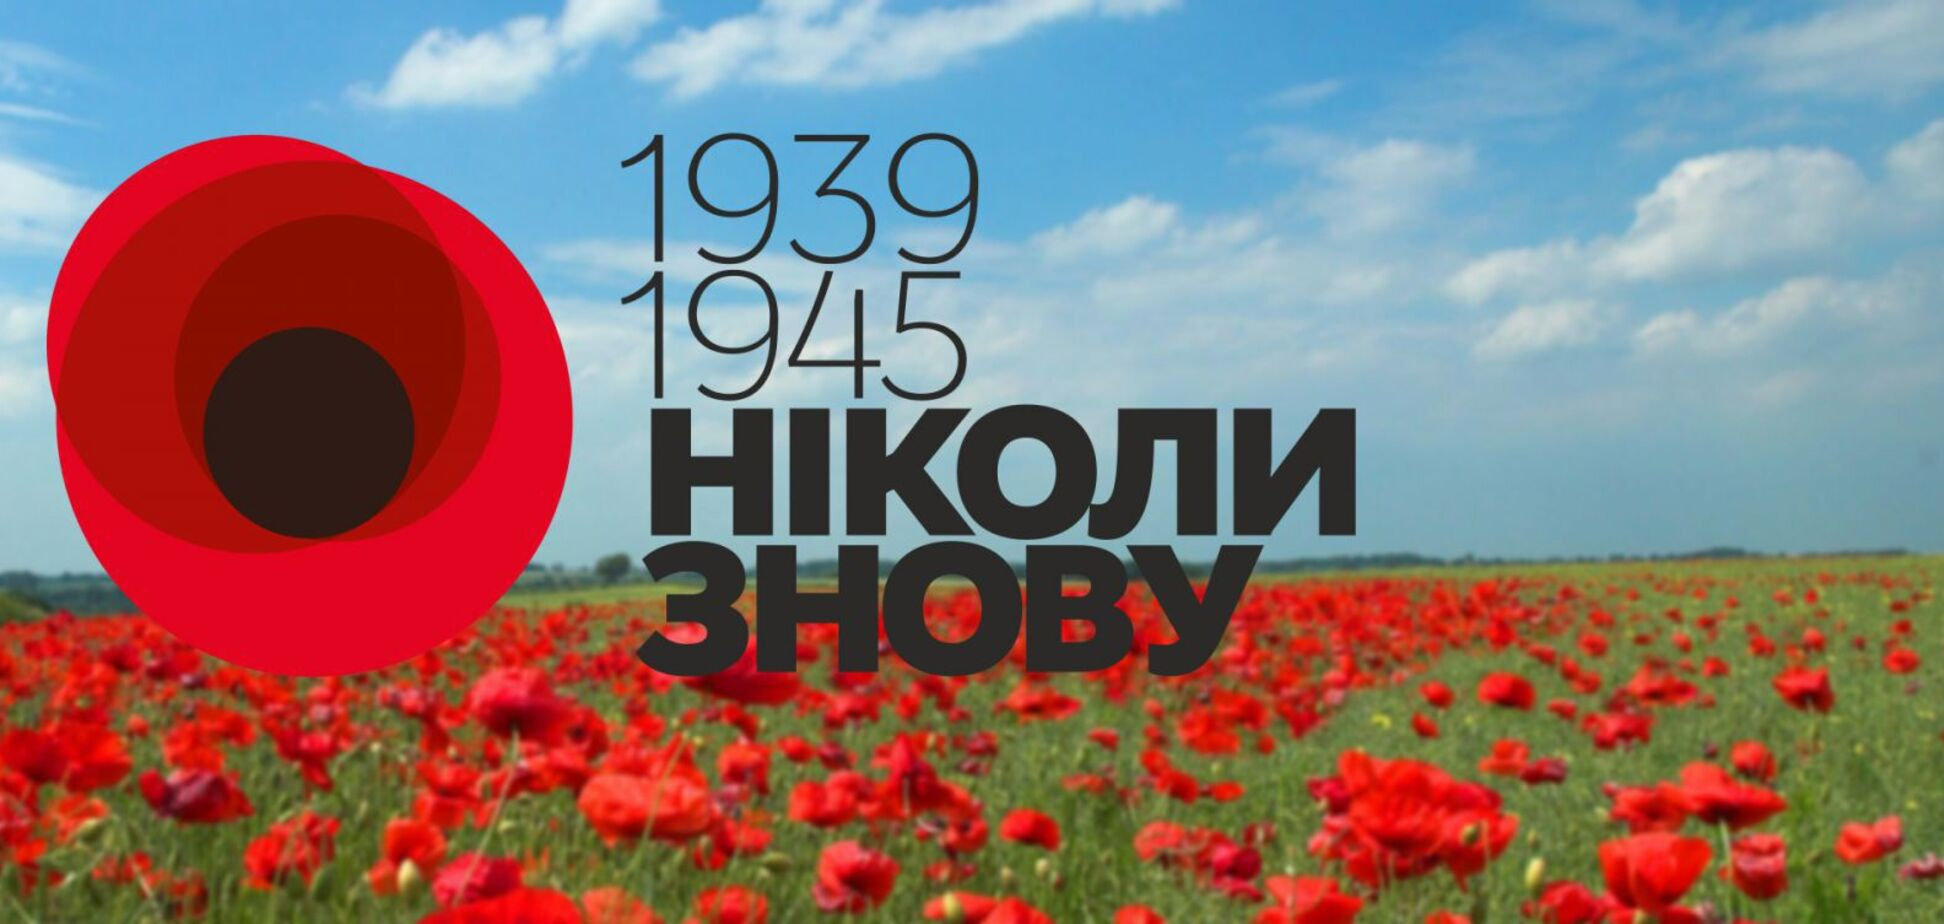 День перемоги над нацизмом у Другій світовій війні був започаткований 2015 року